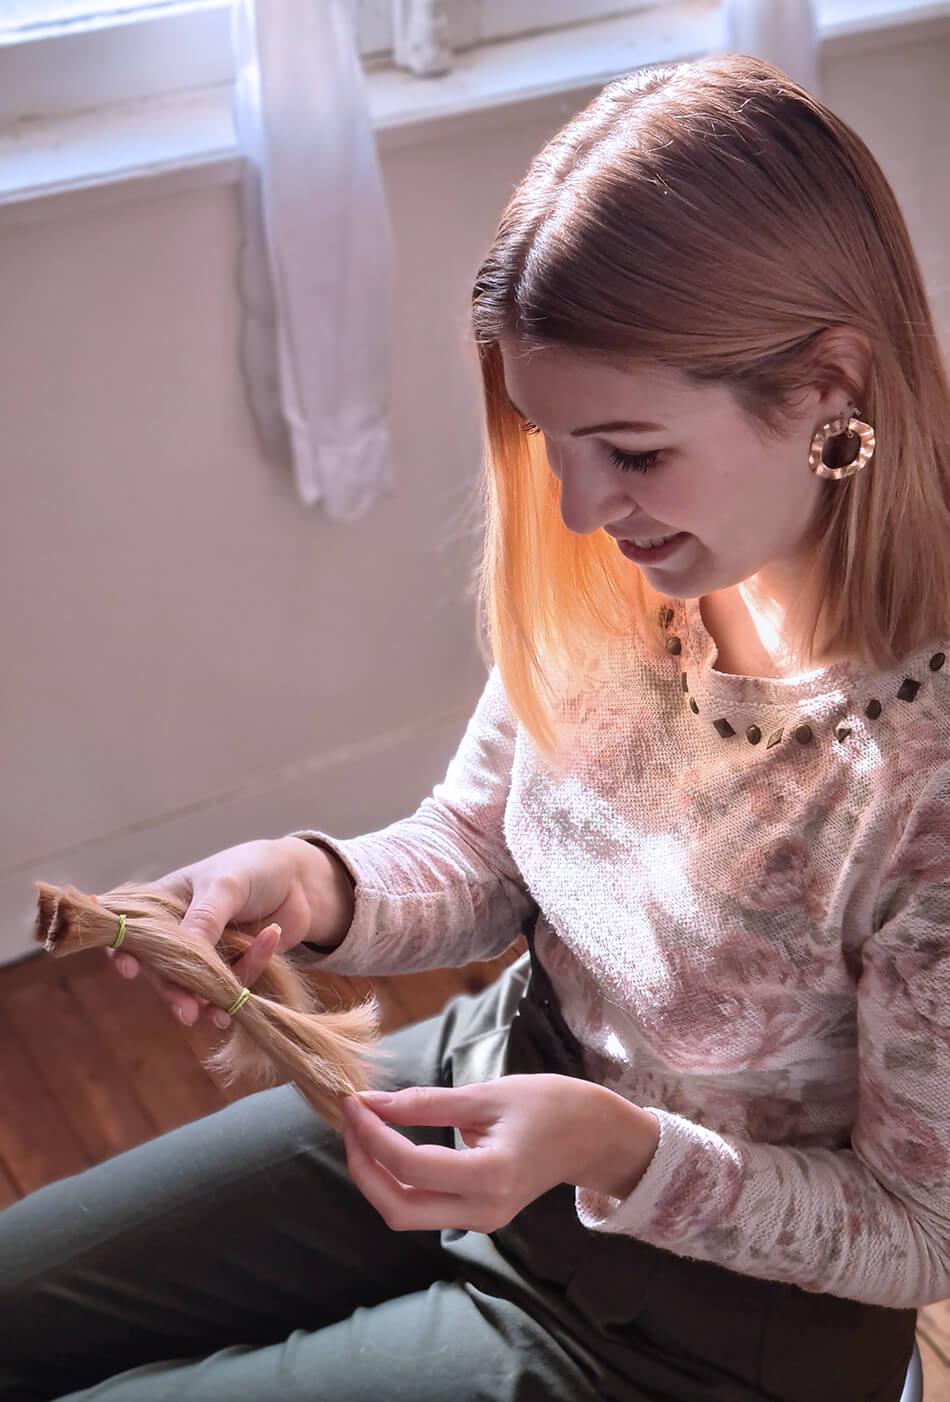 blog expérience don cheveux association - Faire un don de cheveux à une association